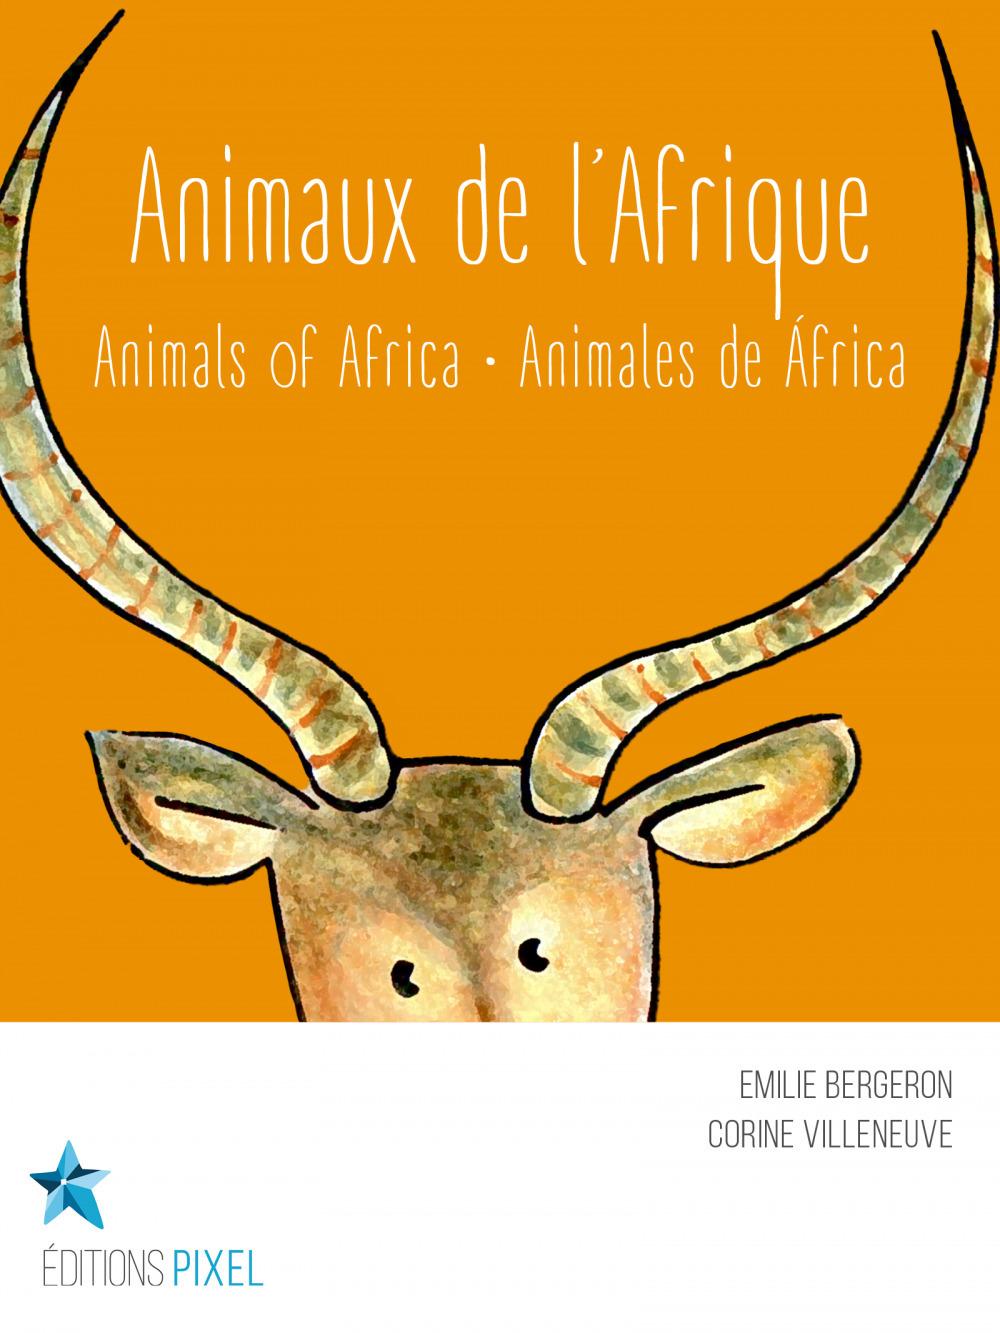 Animaux de l'Afrique